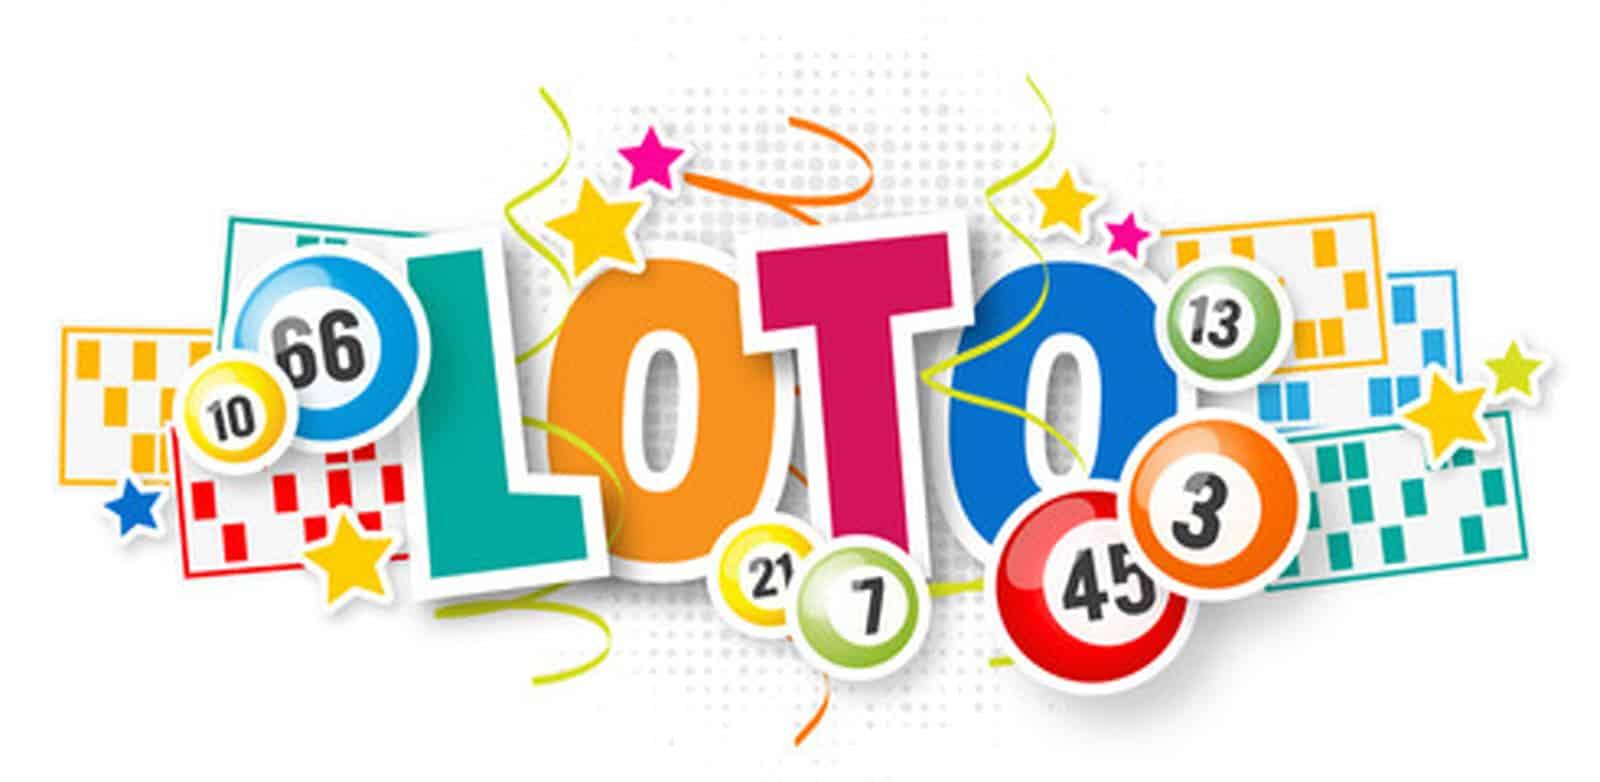 คำแนะนำในการเล่น loto188 ออนไลน์เพื่อแลกรางวัลที่ 12bet